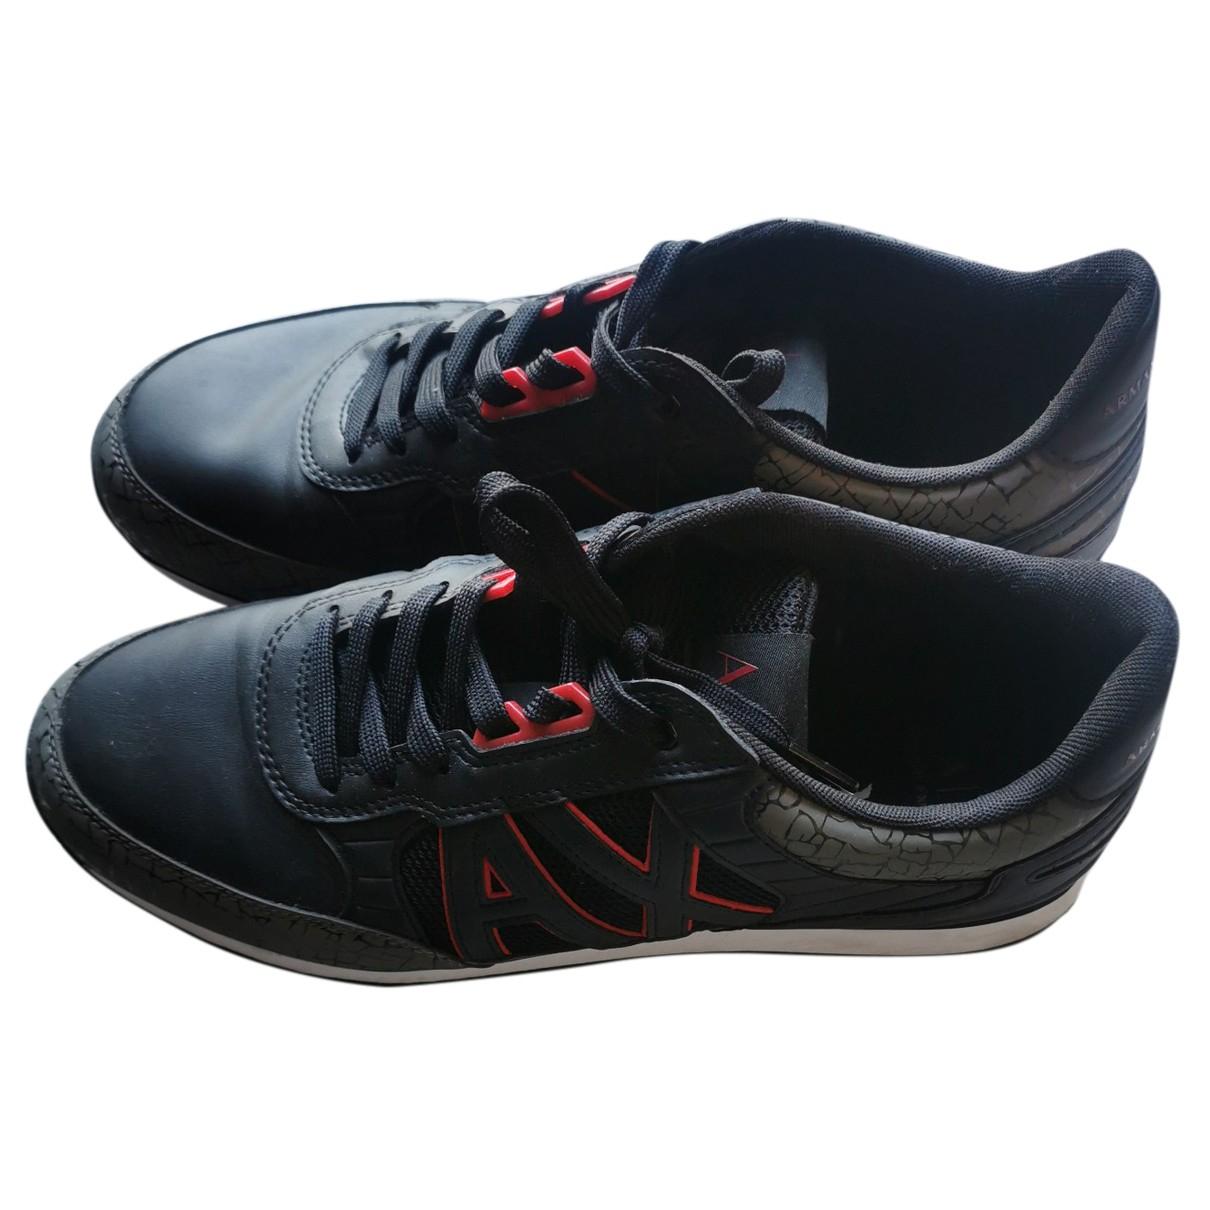 Emporio Armani - Baskets   pour homme en caoutchouc - noir